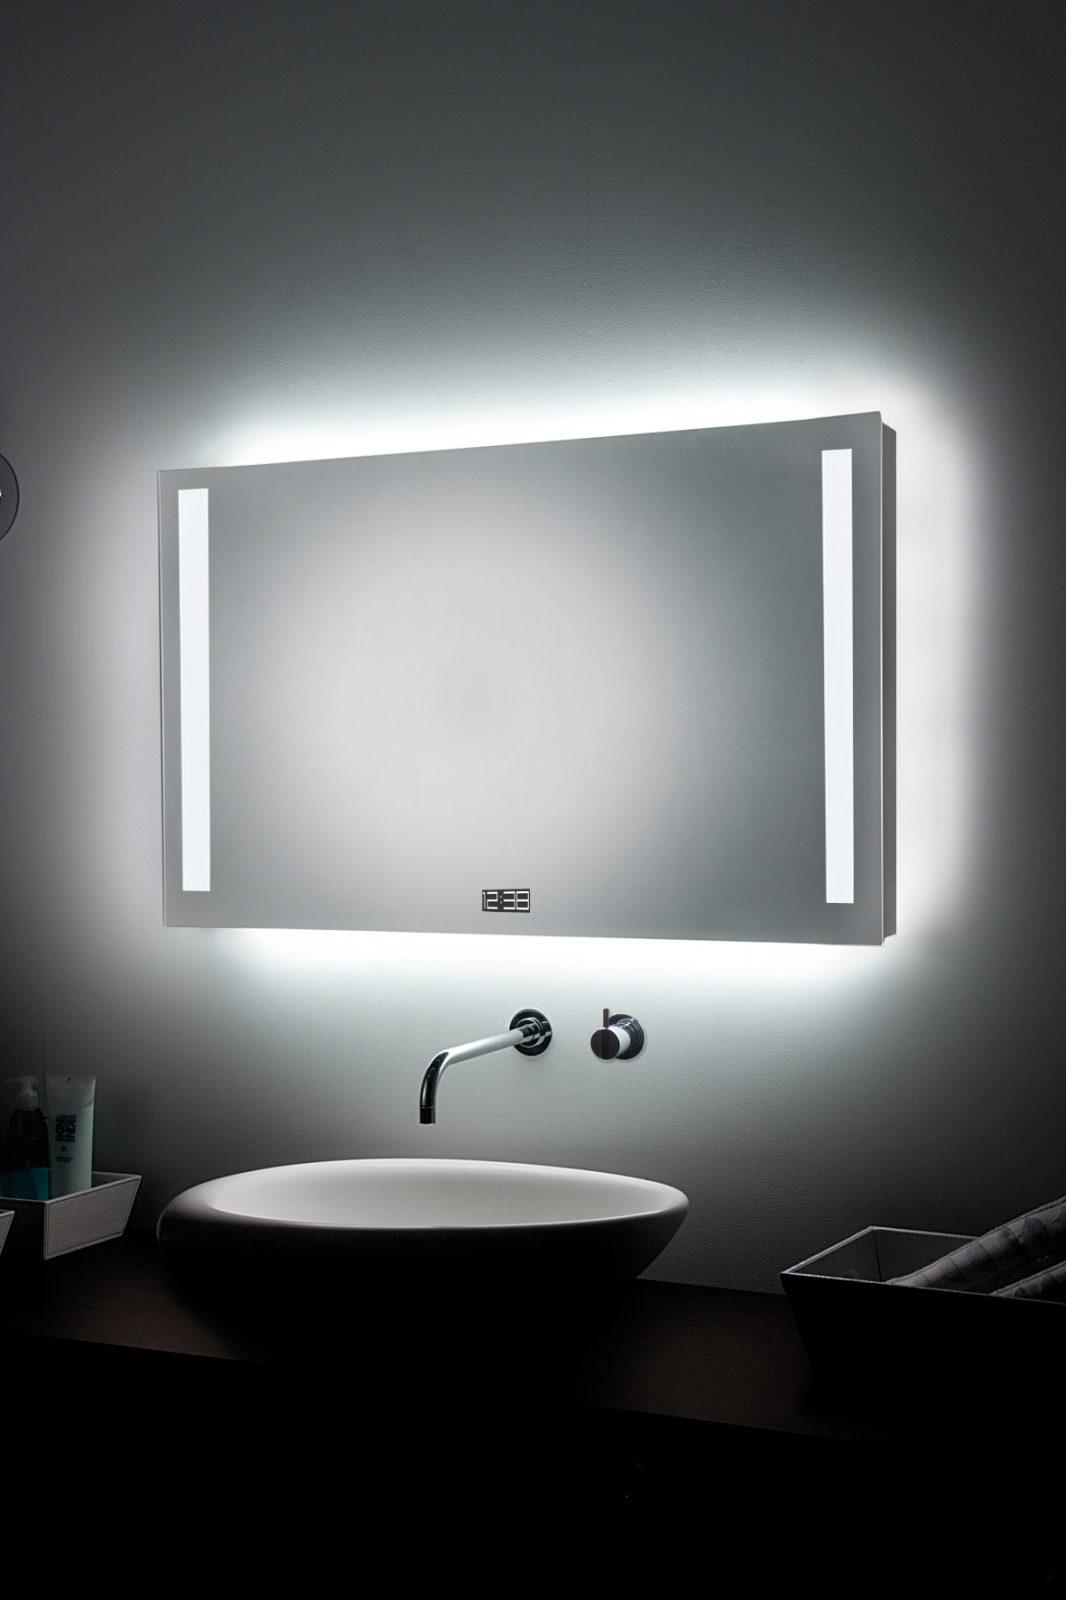 Привычное зеркало с невероятными функциональными возможностями использования